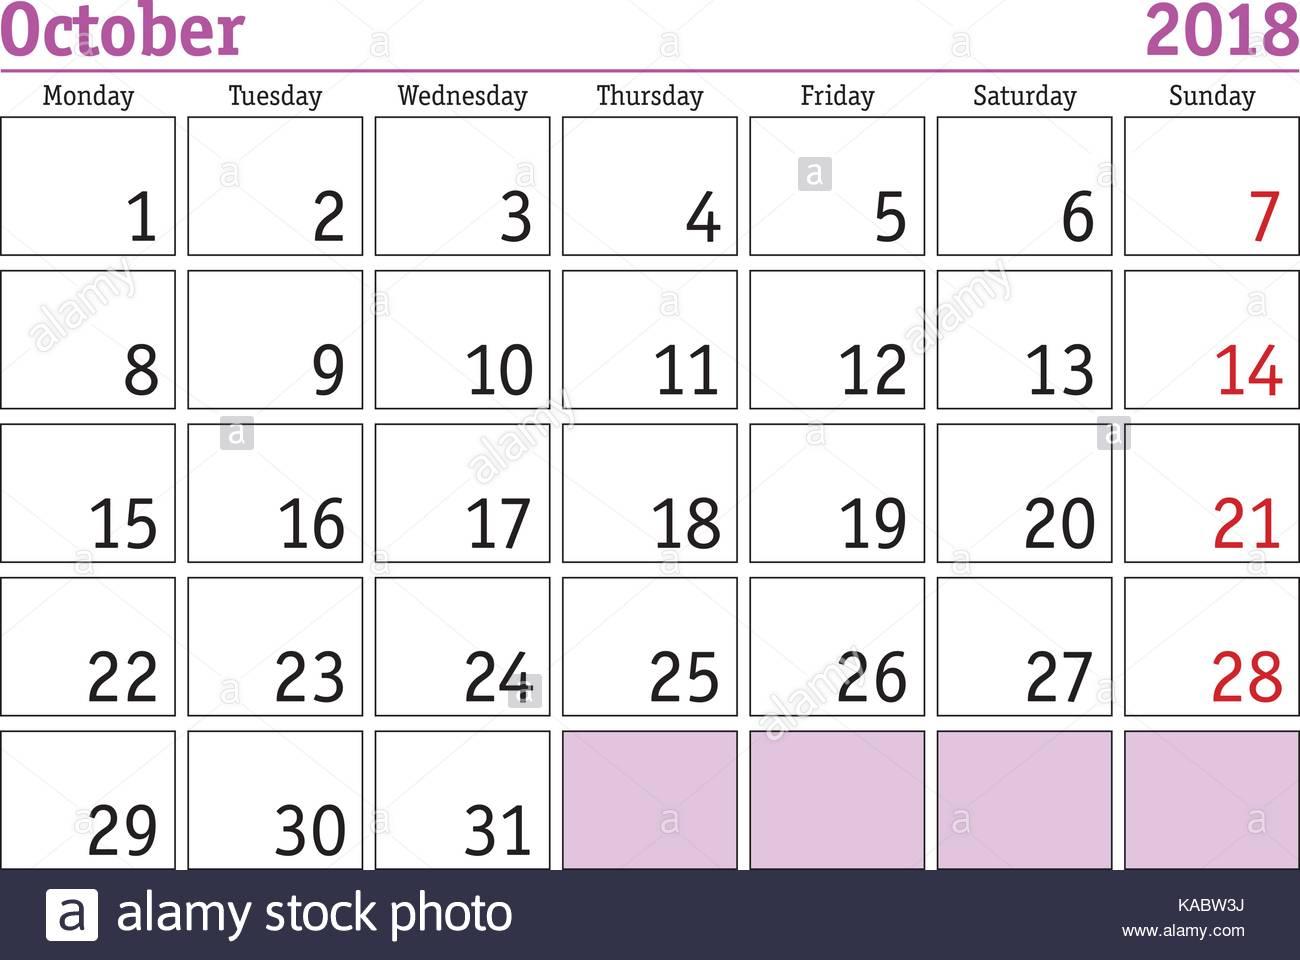 281ce764bcde7 Calendario digital simple para octubre de 2018. vector calendario  imprimible. Planificador mensual. La